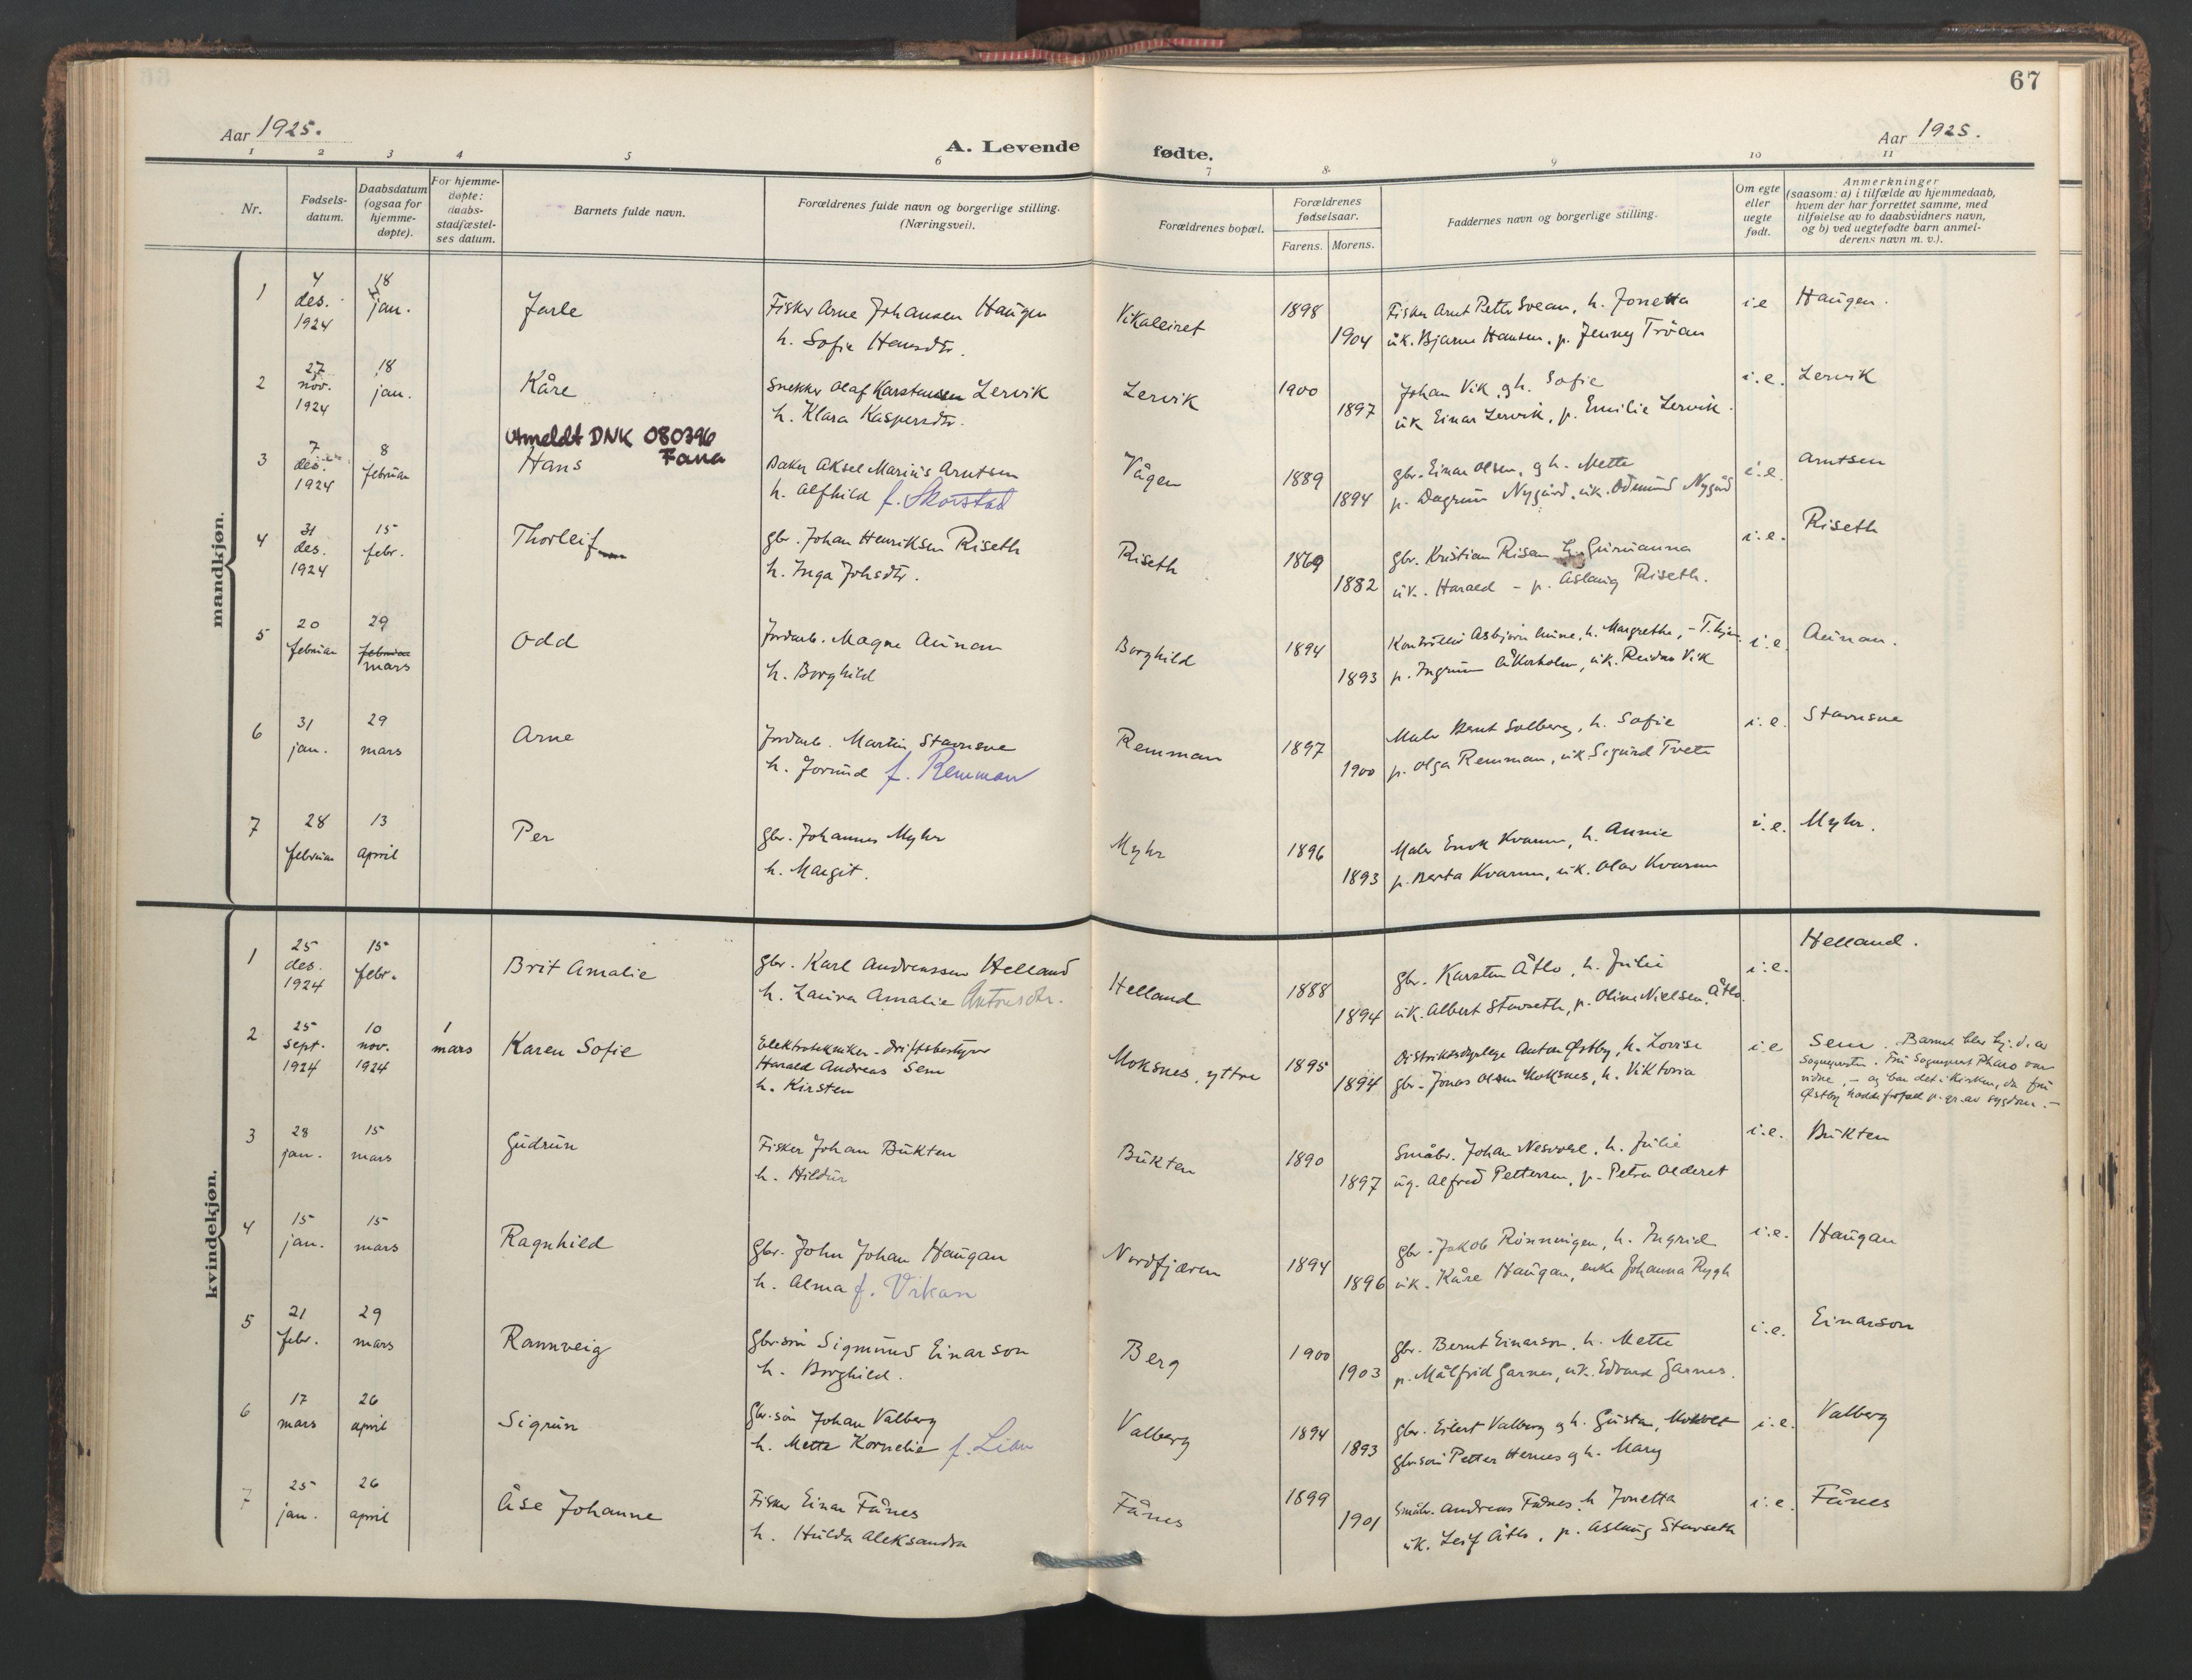 SAT, Ministerialprotokoller, klokkerbøker og fødselsregistre - Nord-Trøndelag, 713/L0123: Ministerialbok nr. 713A12, 1911-1925, s. 67